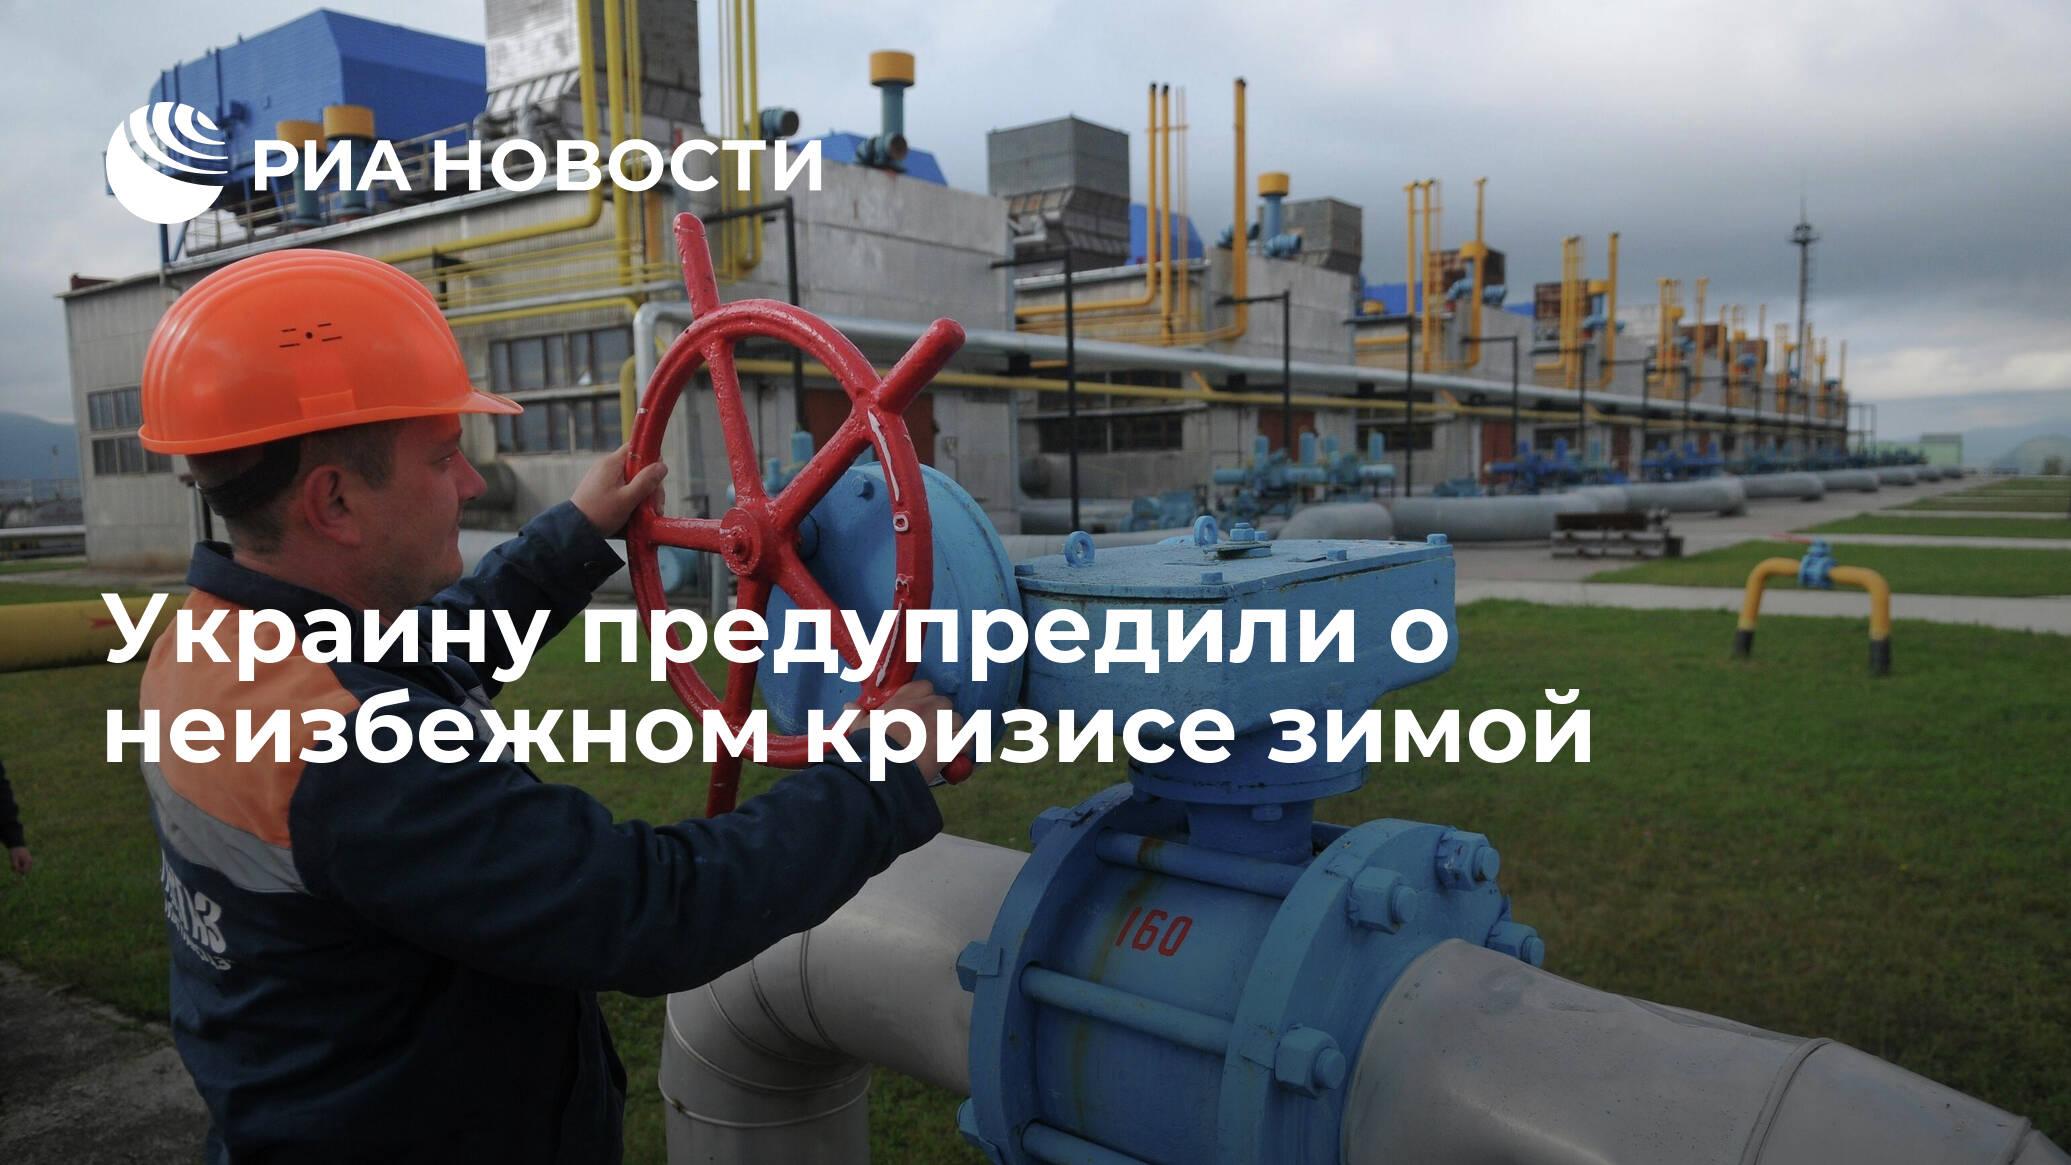 Украину предупредили о неизбежном кризисе зимой